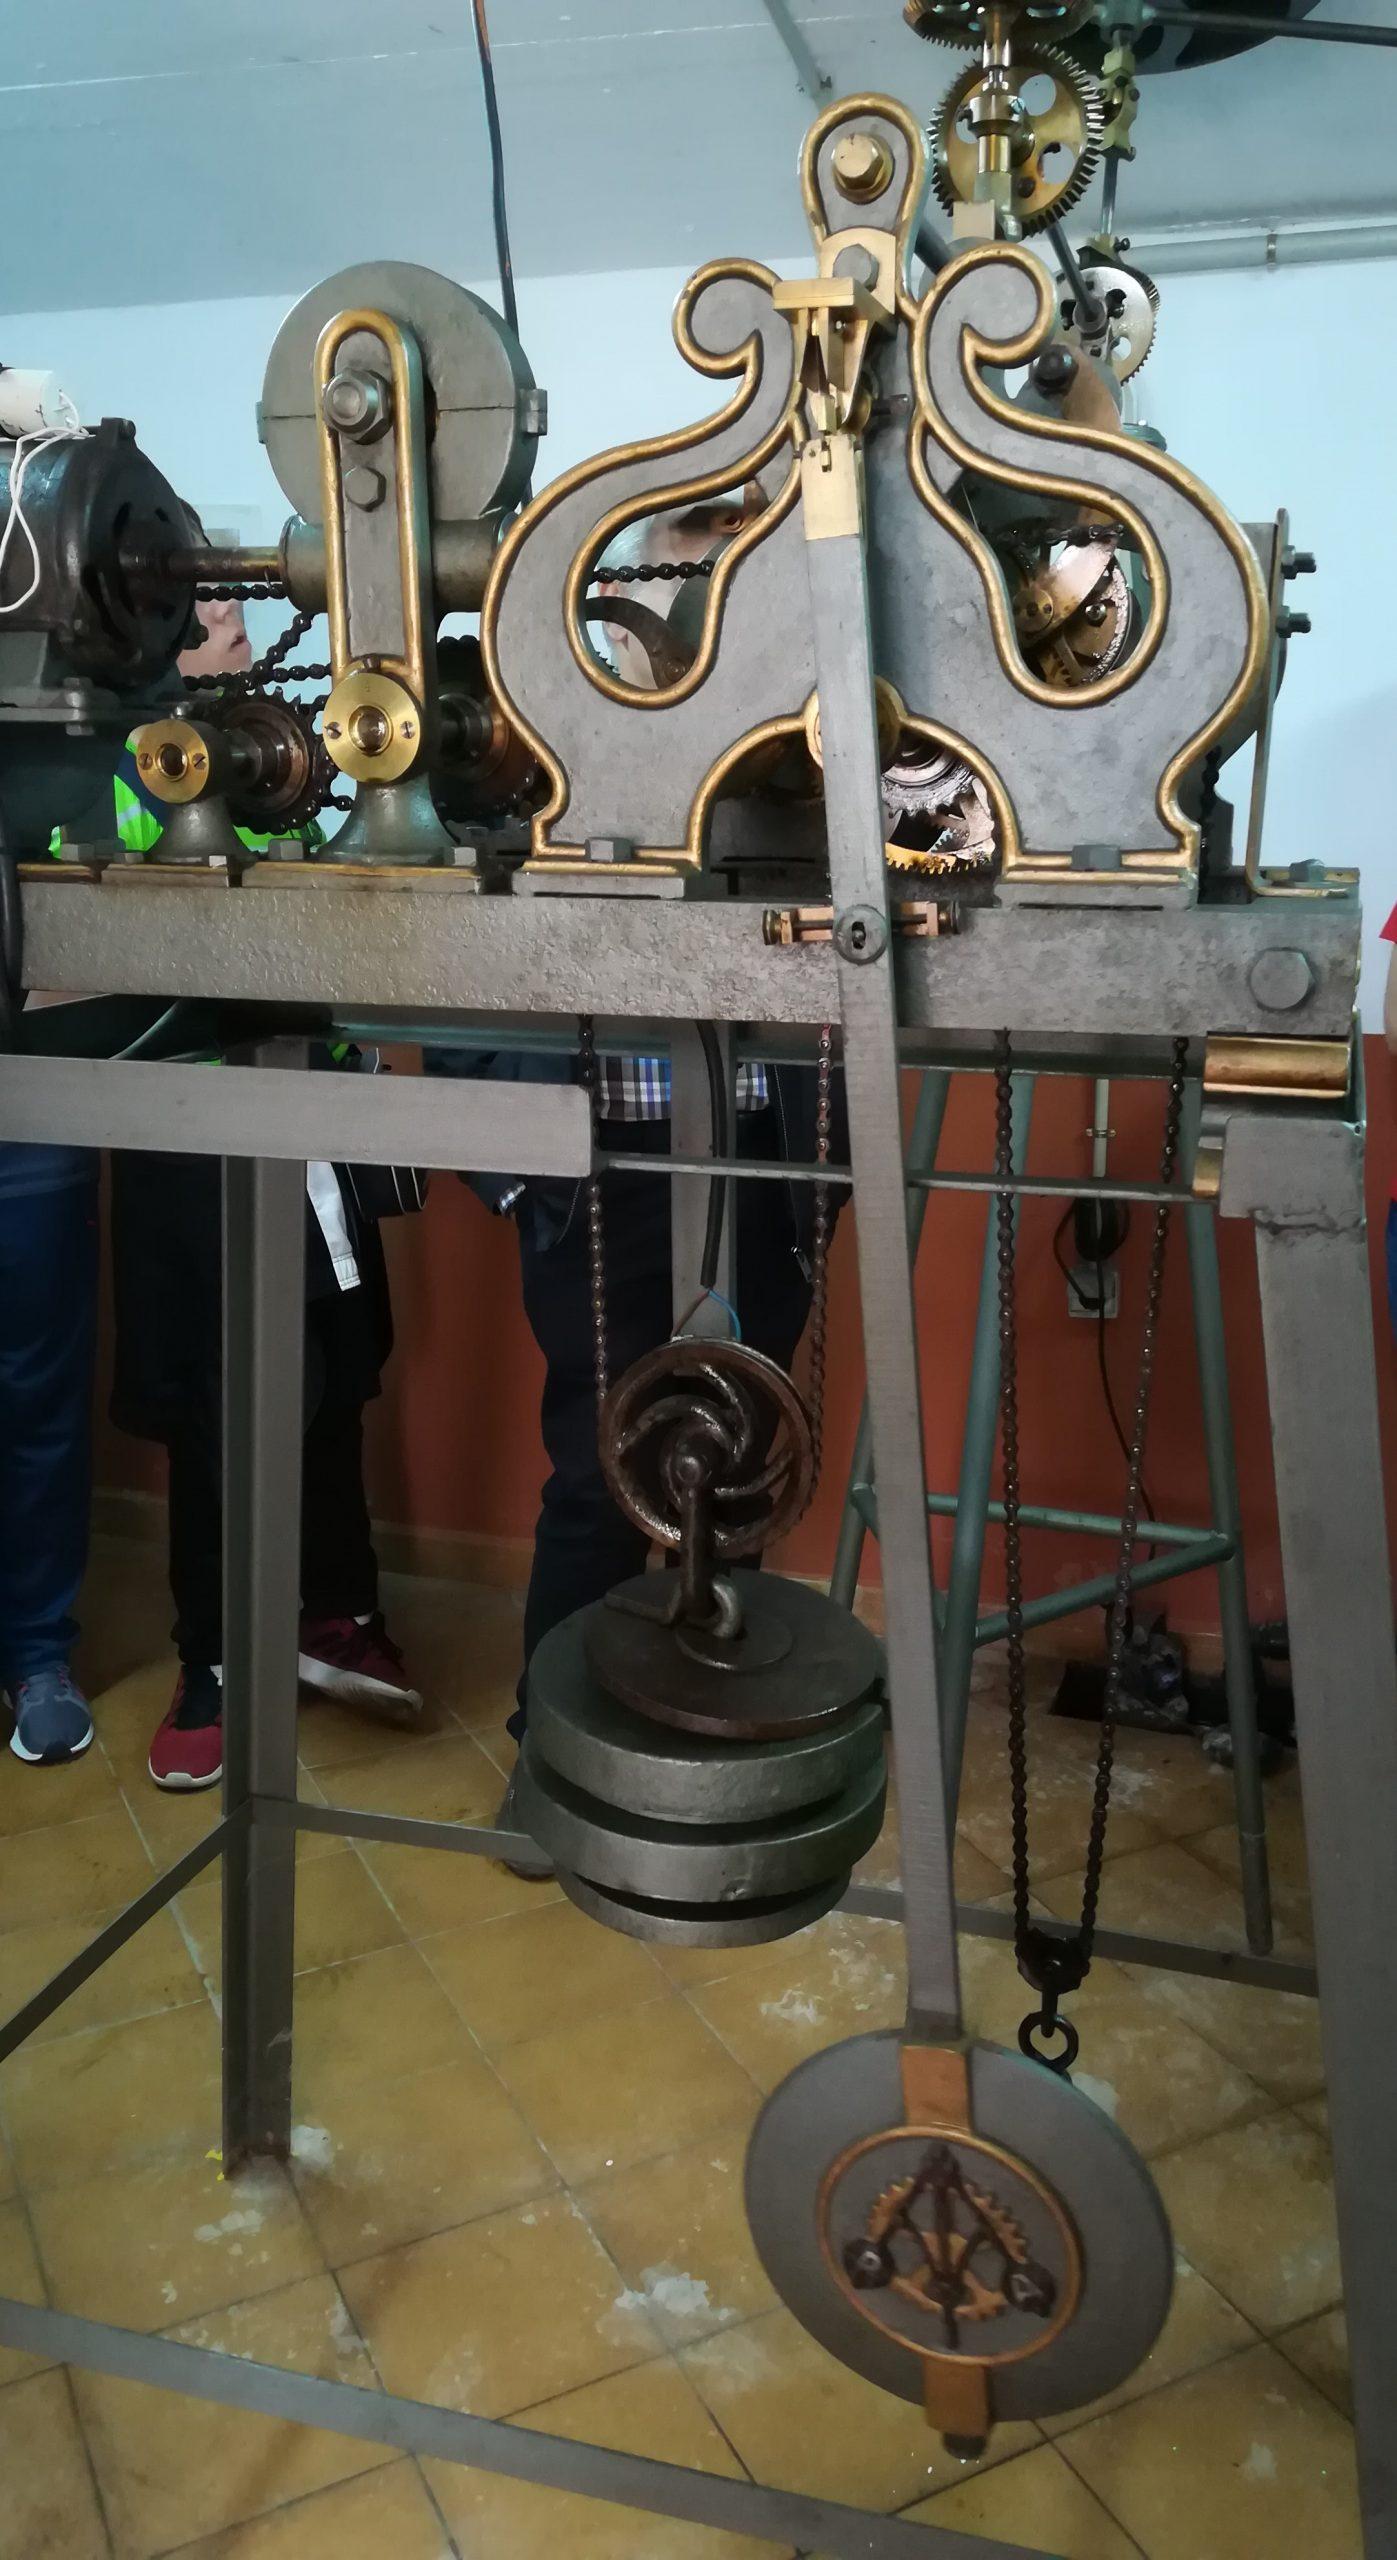 Detalle de la maquinaria del reloj de flores.